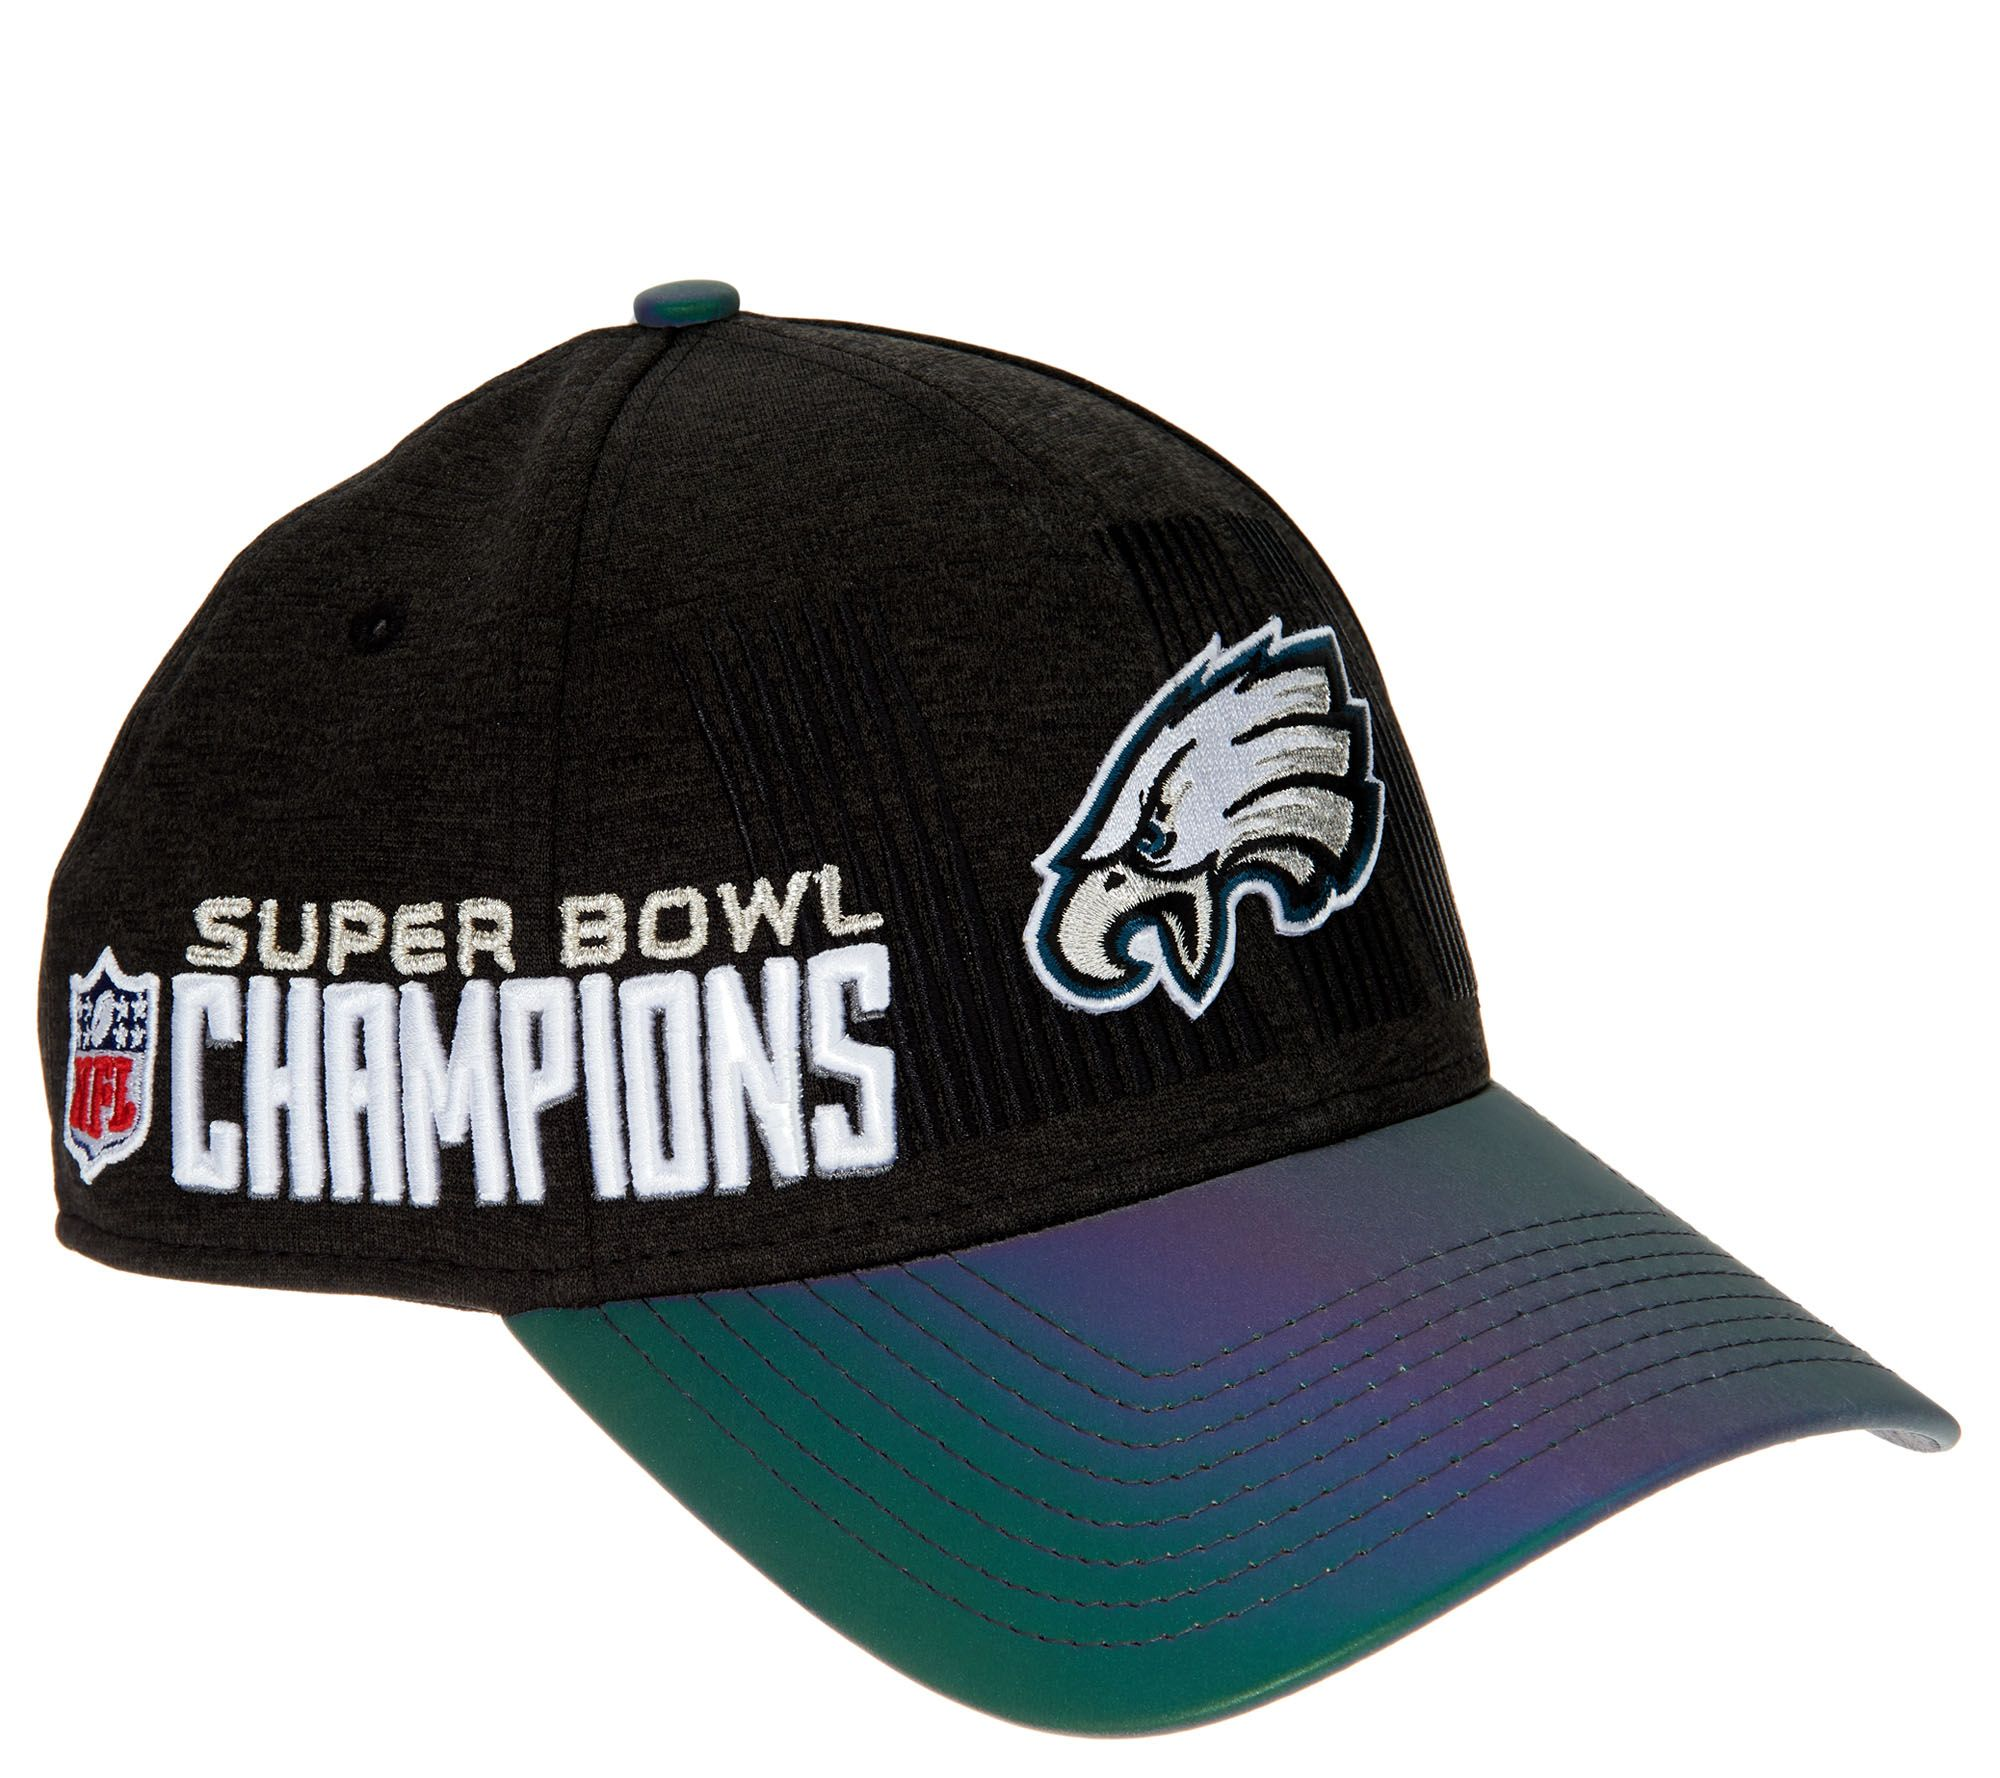 NFL Super Bowl LII Eagles Locker Room Cap by New Era - Page 1 — QVC.com 2f0071c56